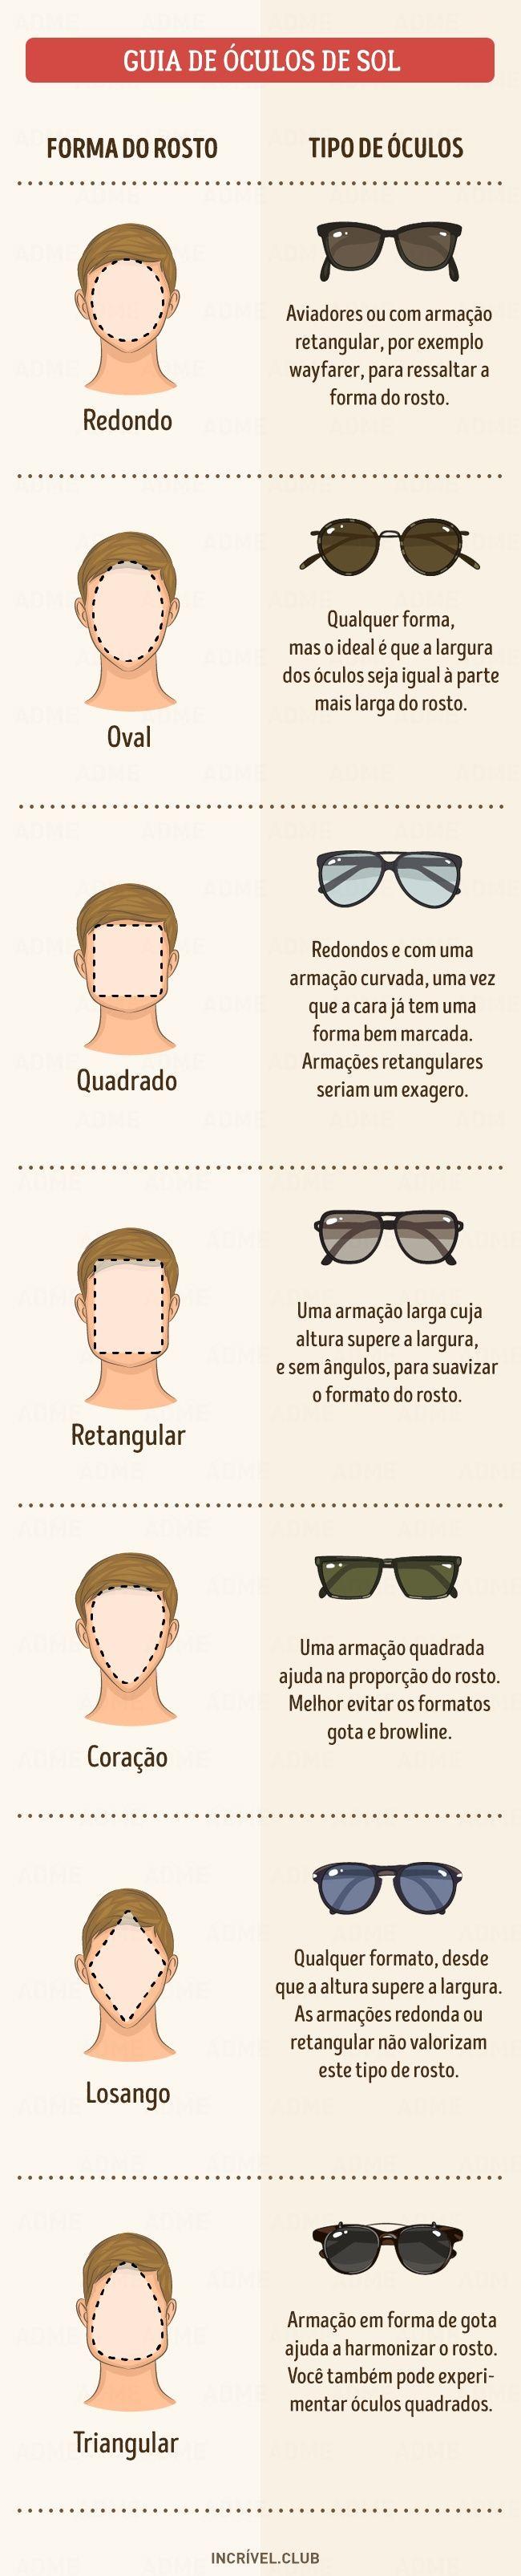 Guia De Oculos De Sol Moda Masculina Dicas Oculos De Sol